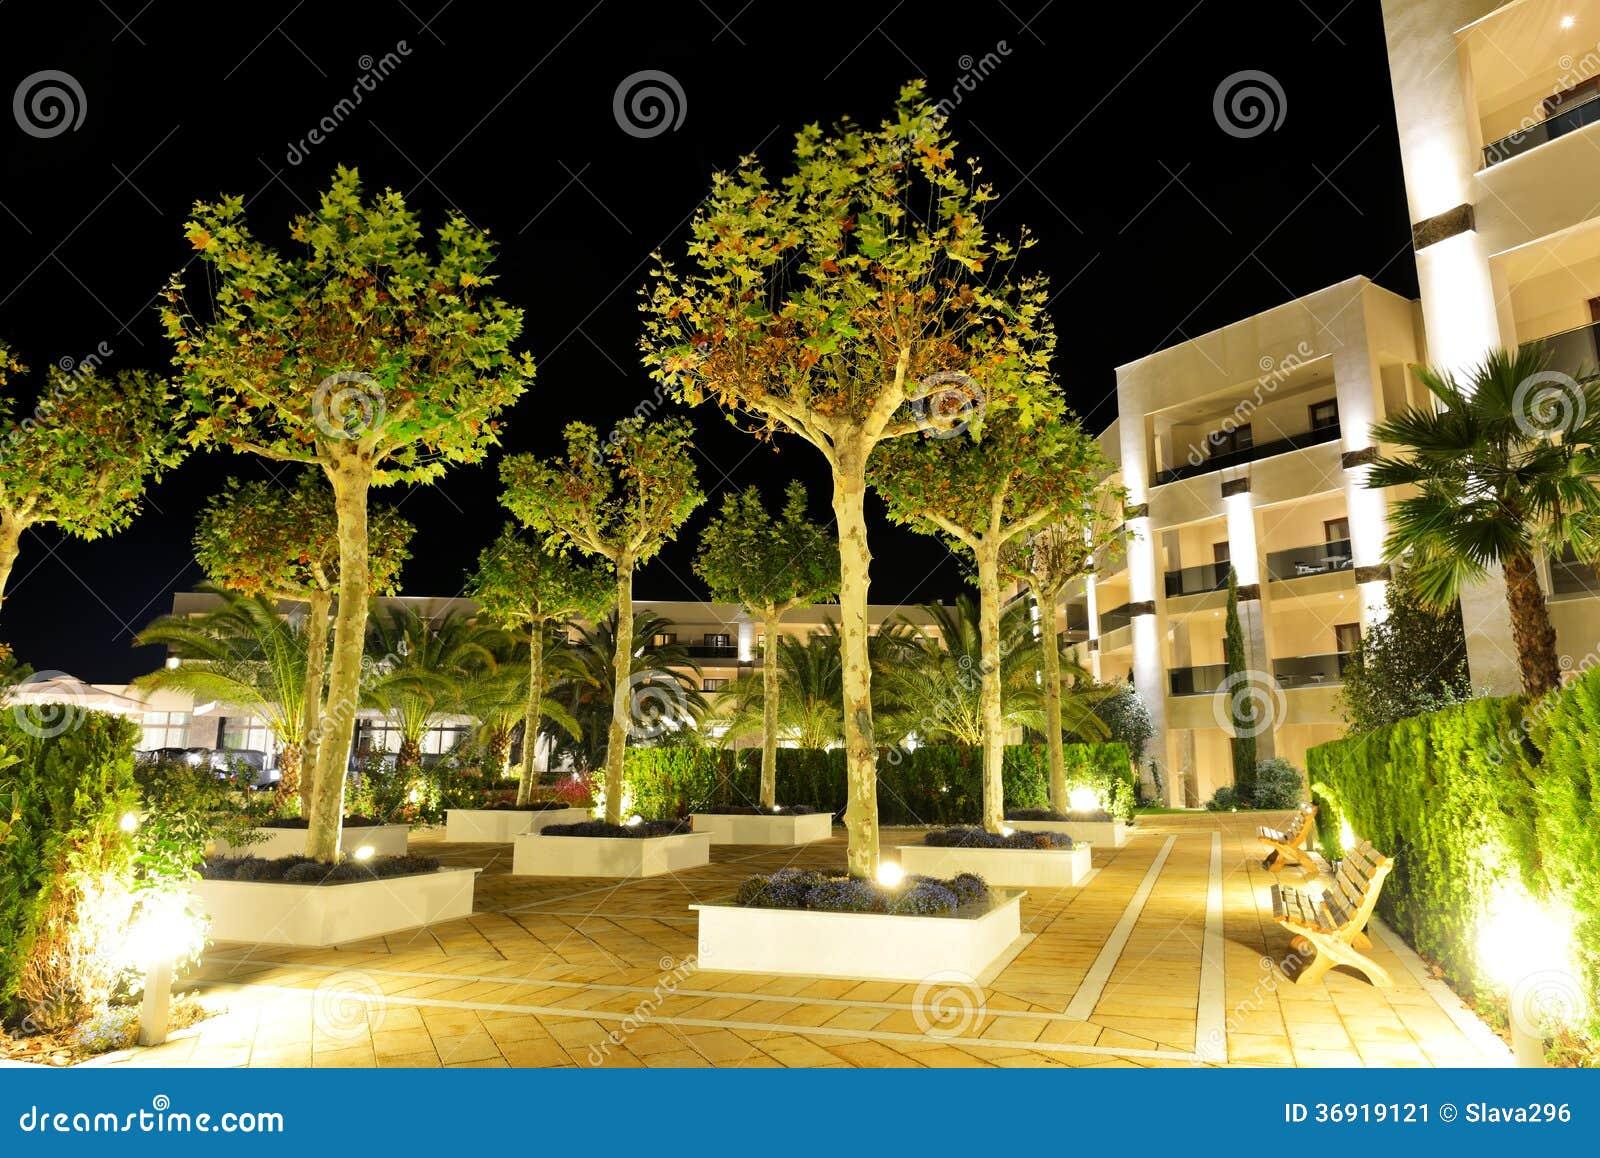 Los rboles en la iluminaci n de la noche en el hotel de for Iluminacion arboles jardin